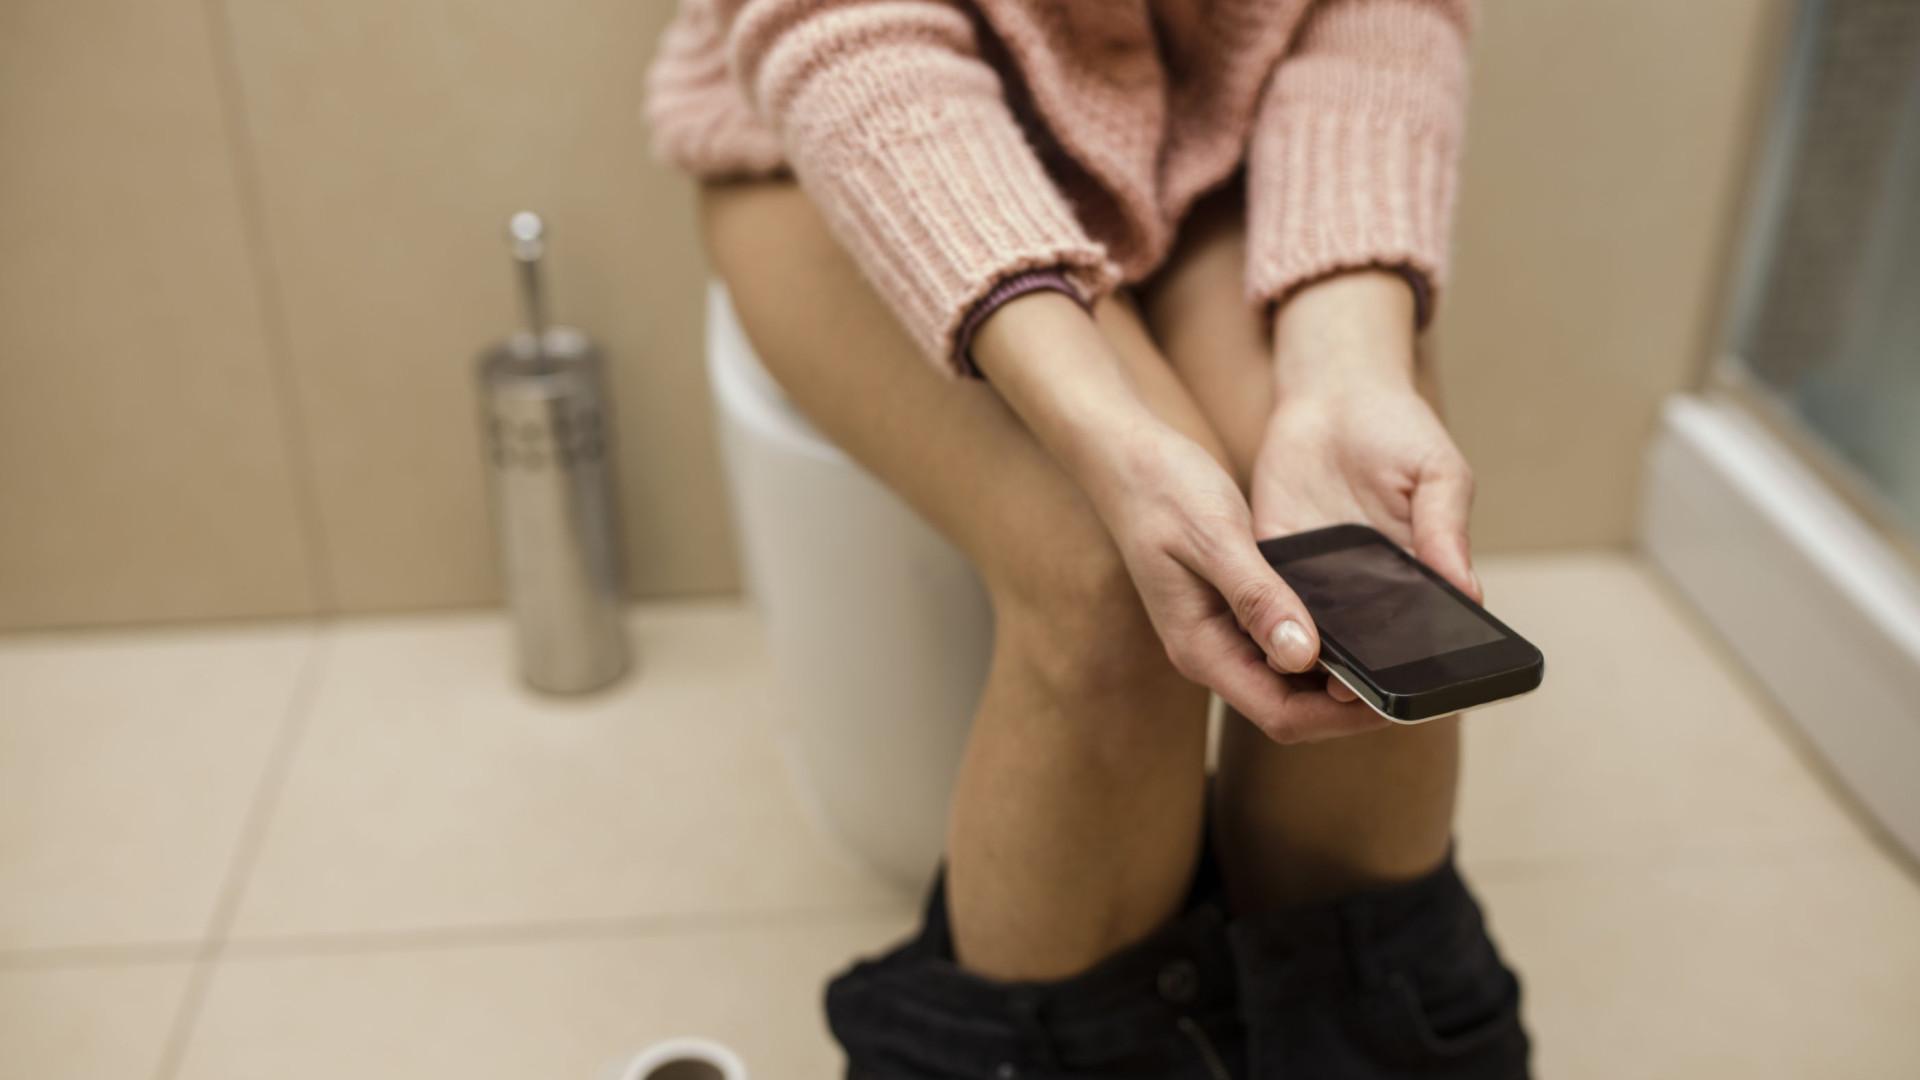 Pela sua saúde, não leve o telemóvel para a casa de banho